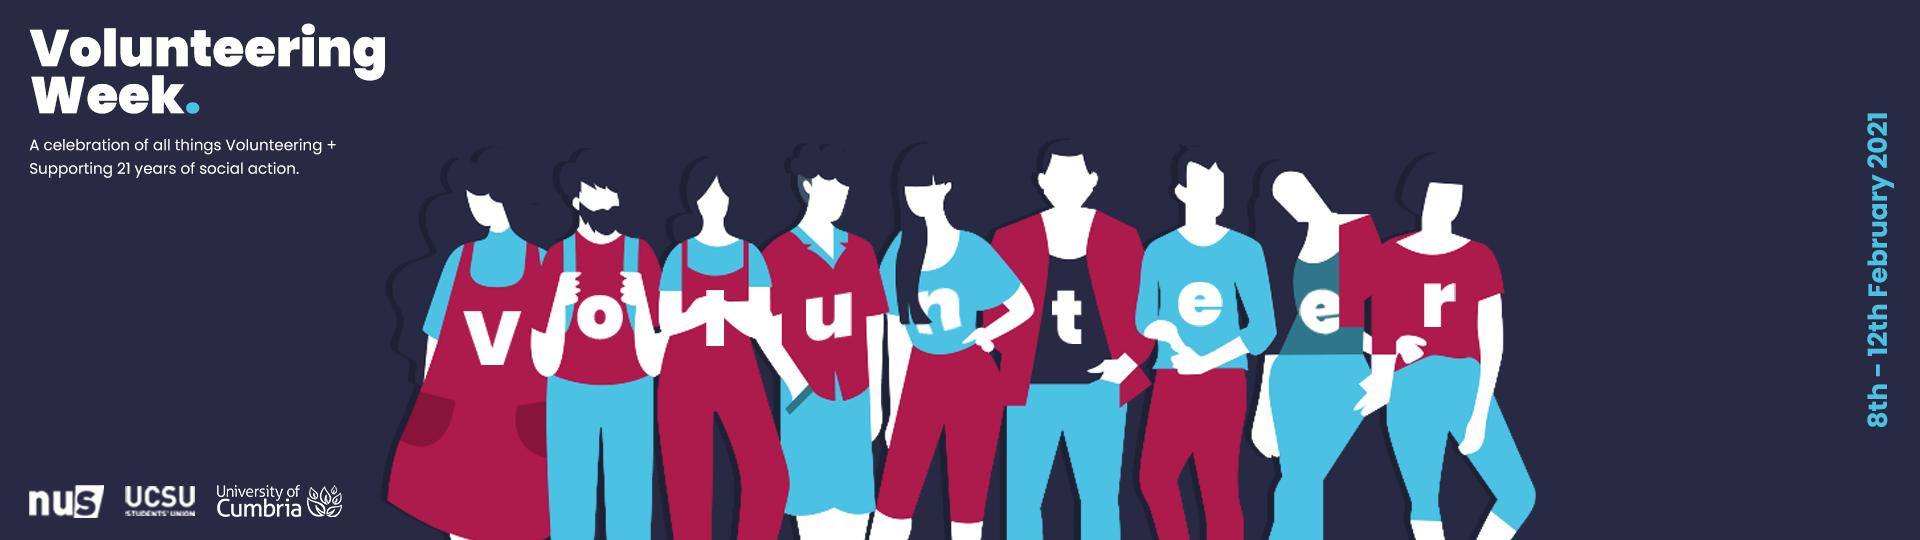 Volunteering week web banner